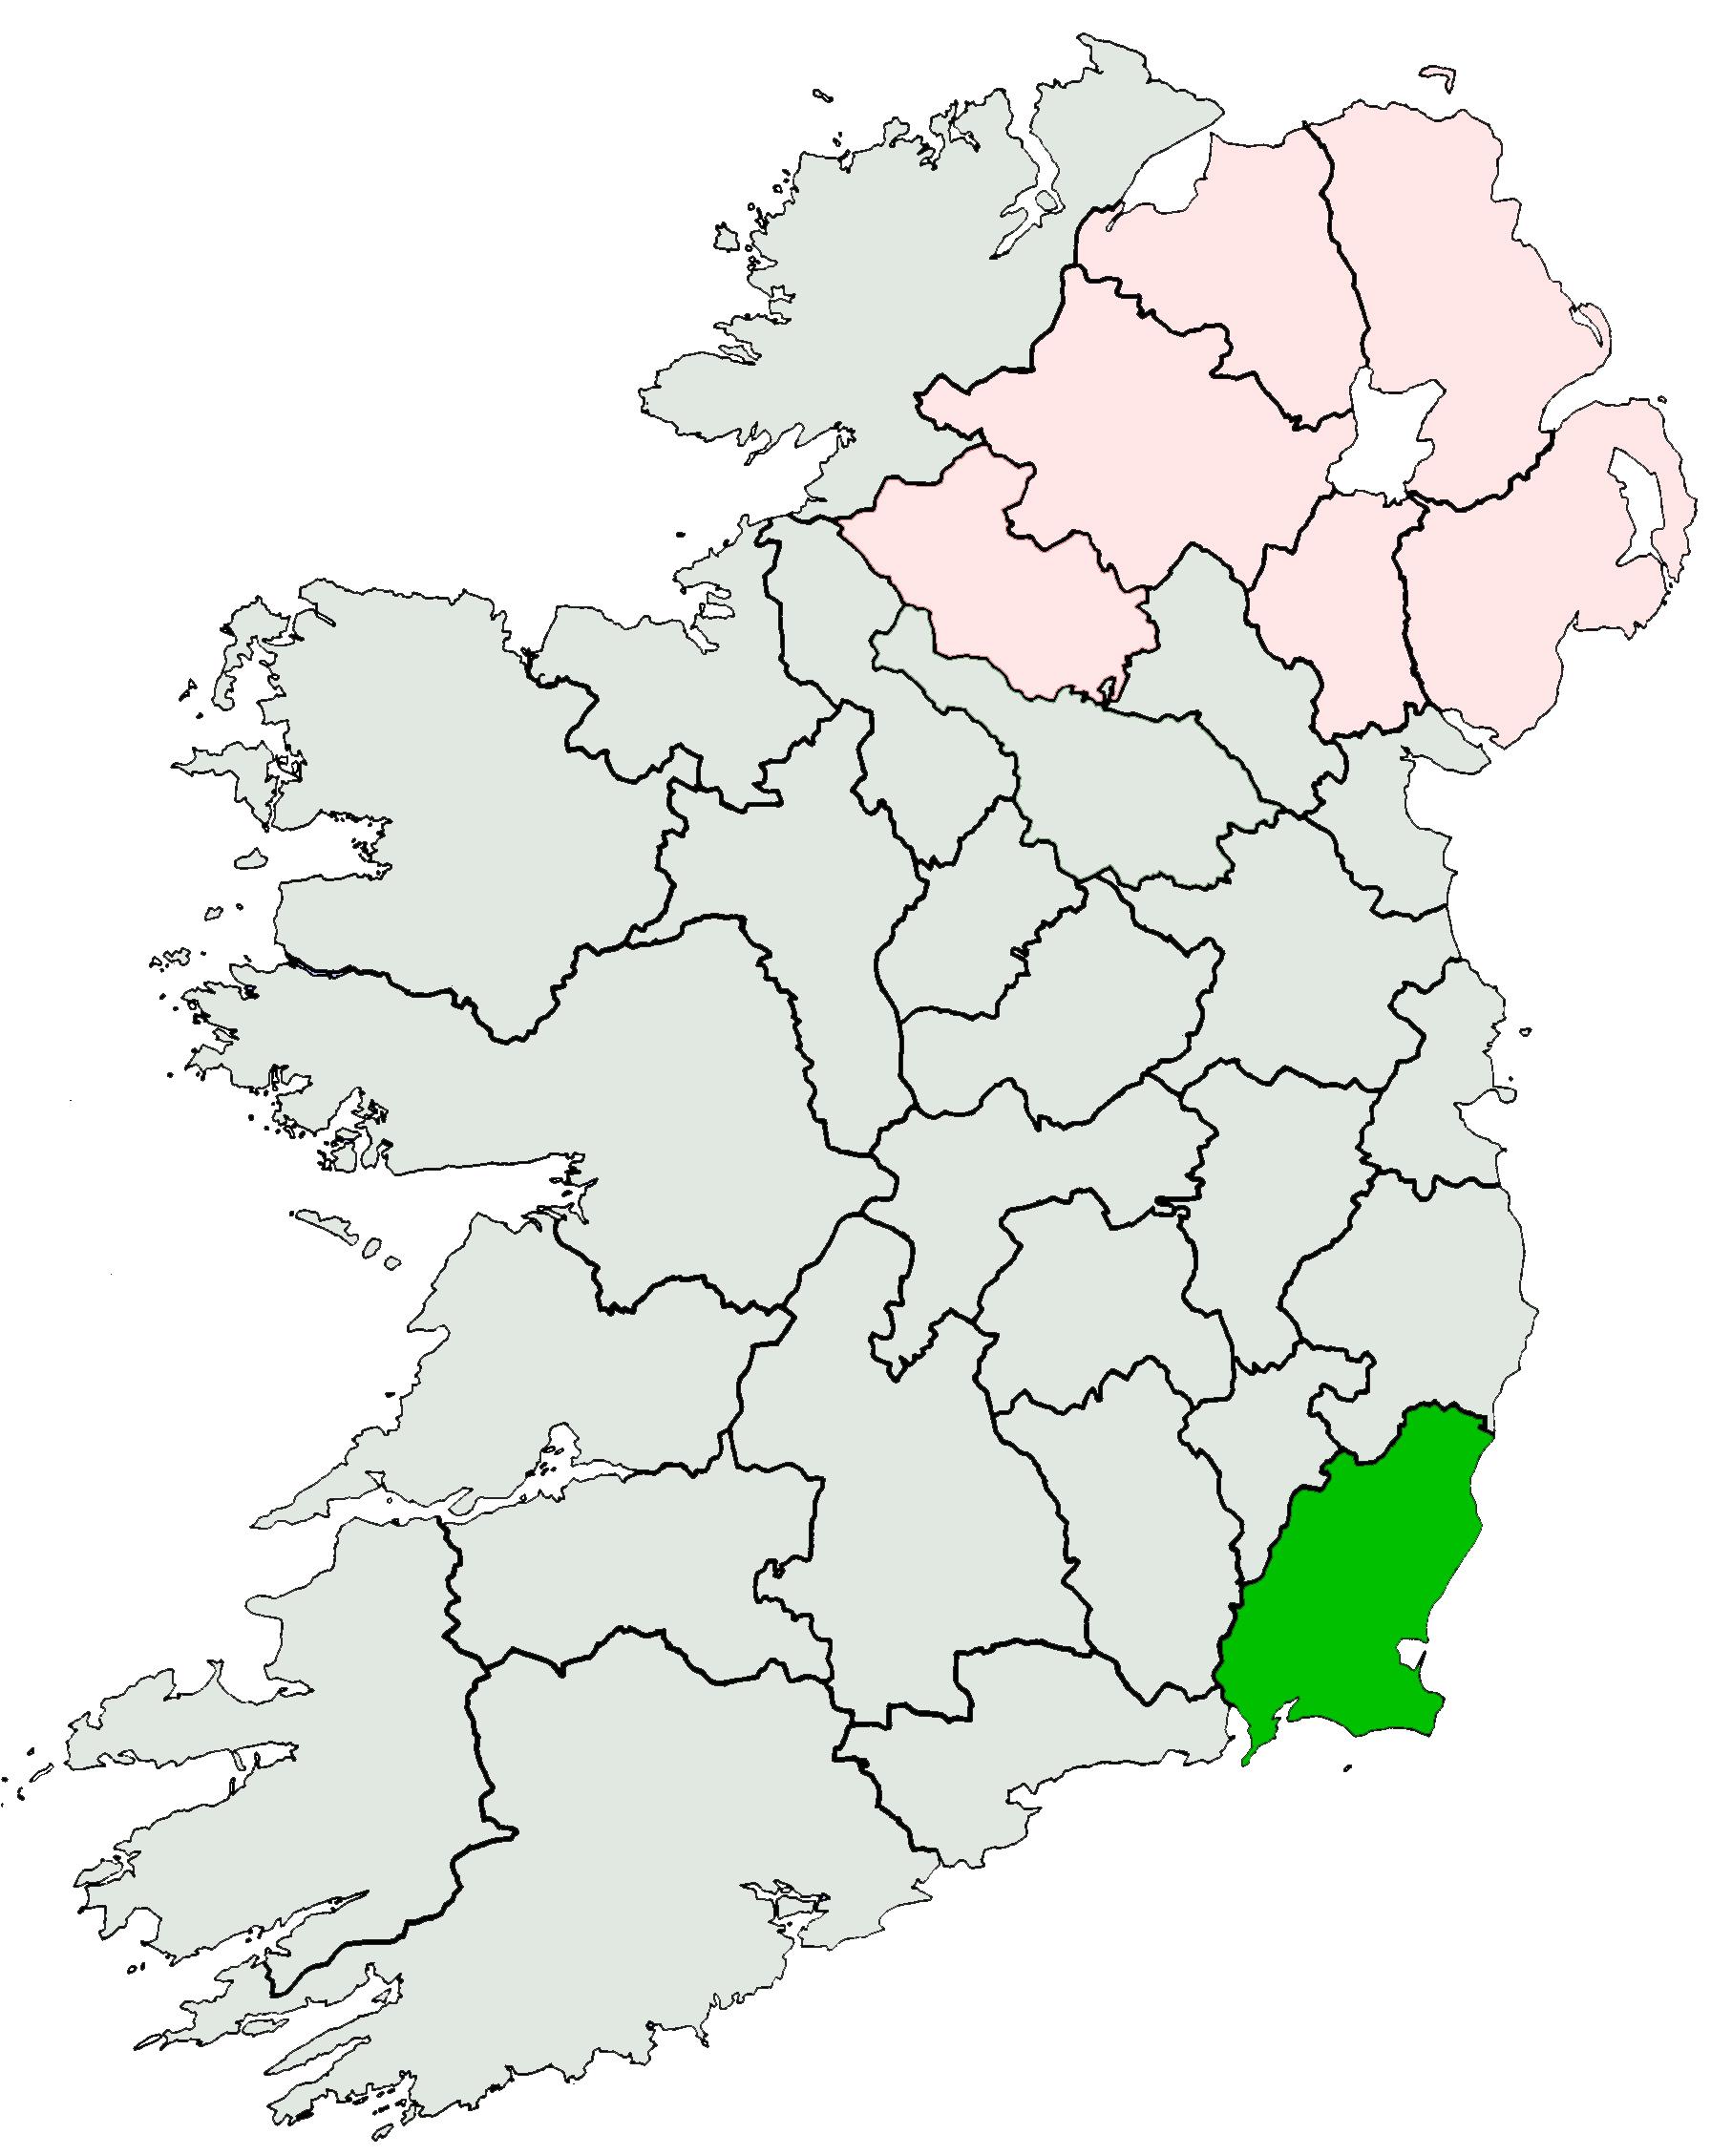 wexford ireland: